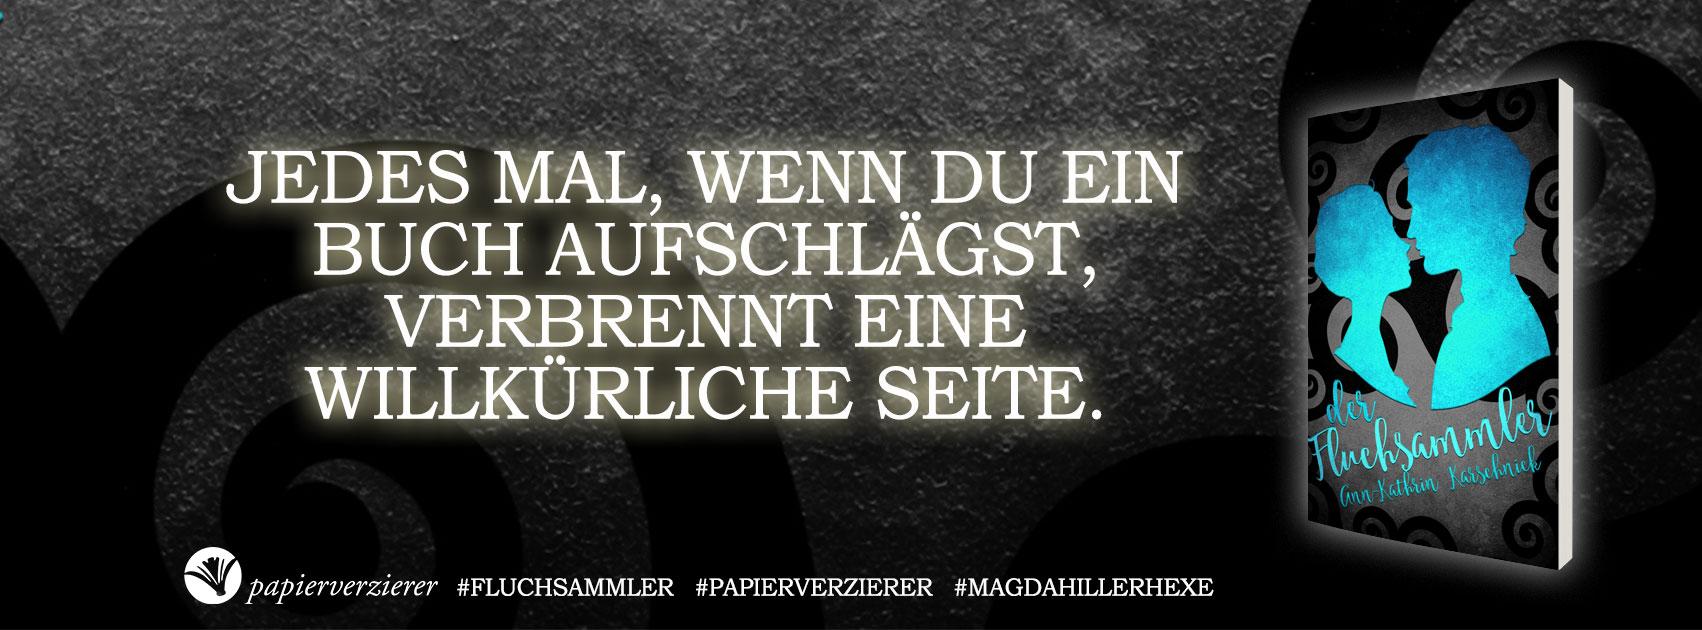 Papierverzierer Verlag: Fluchsammler